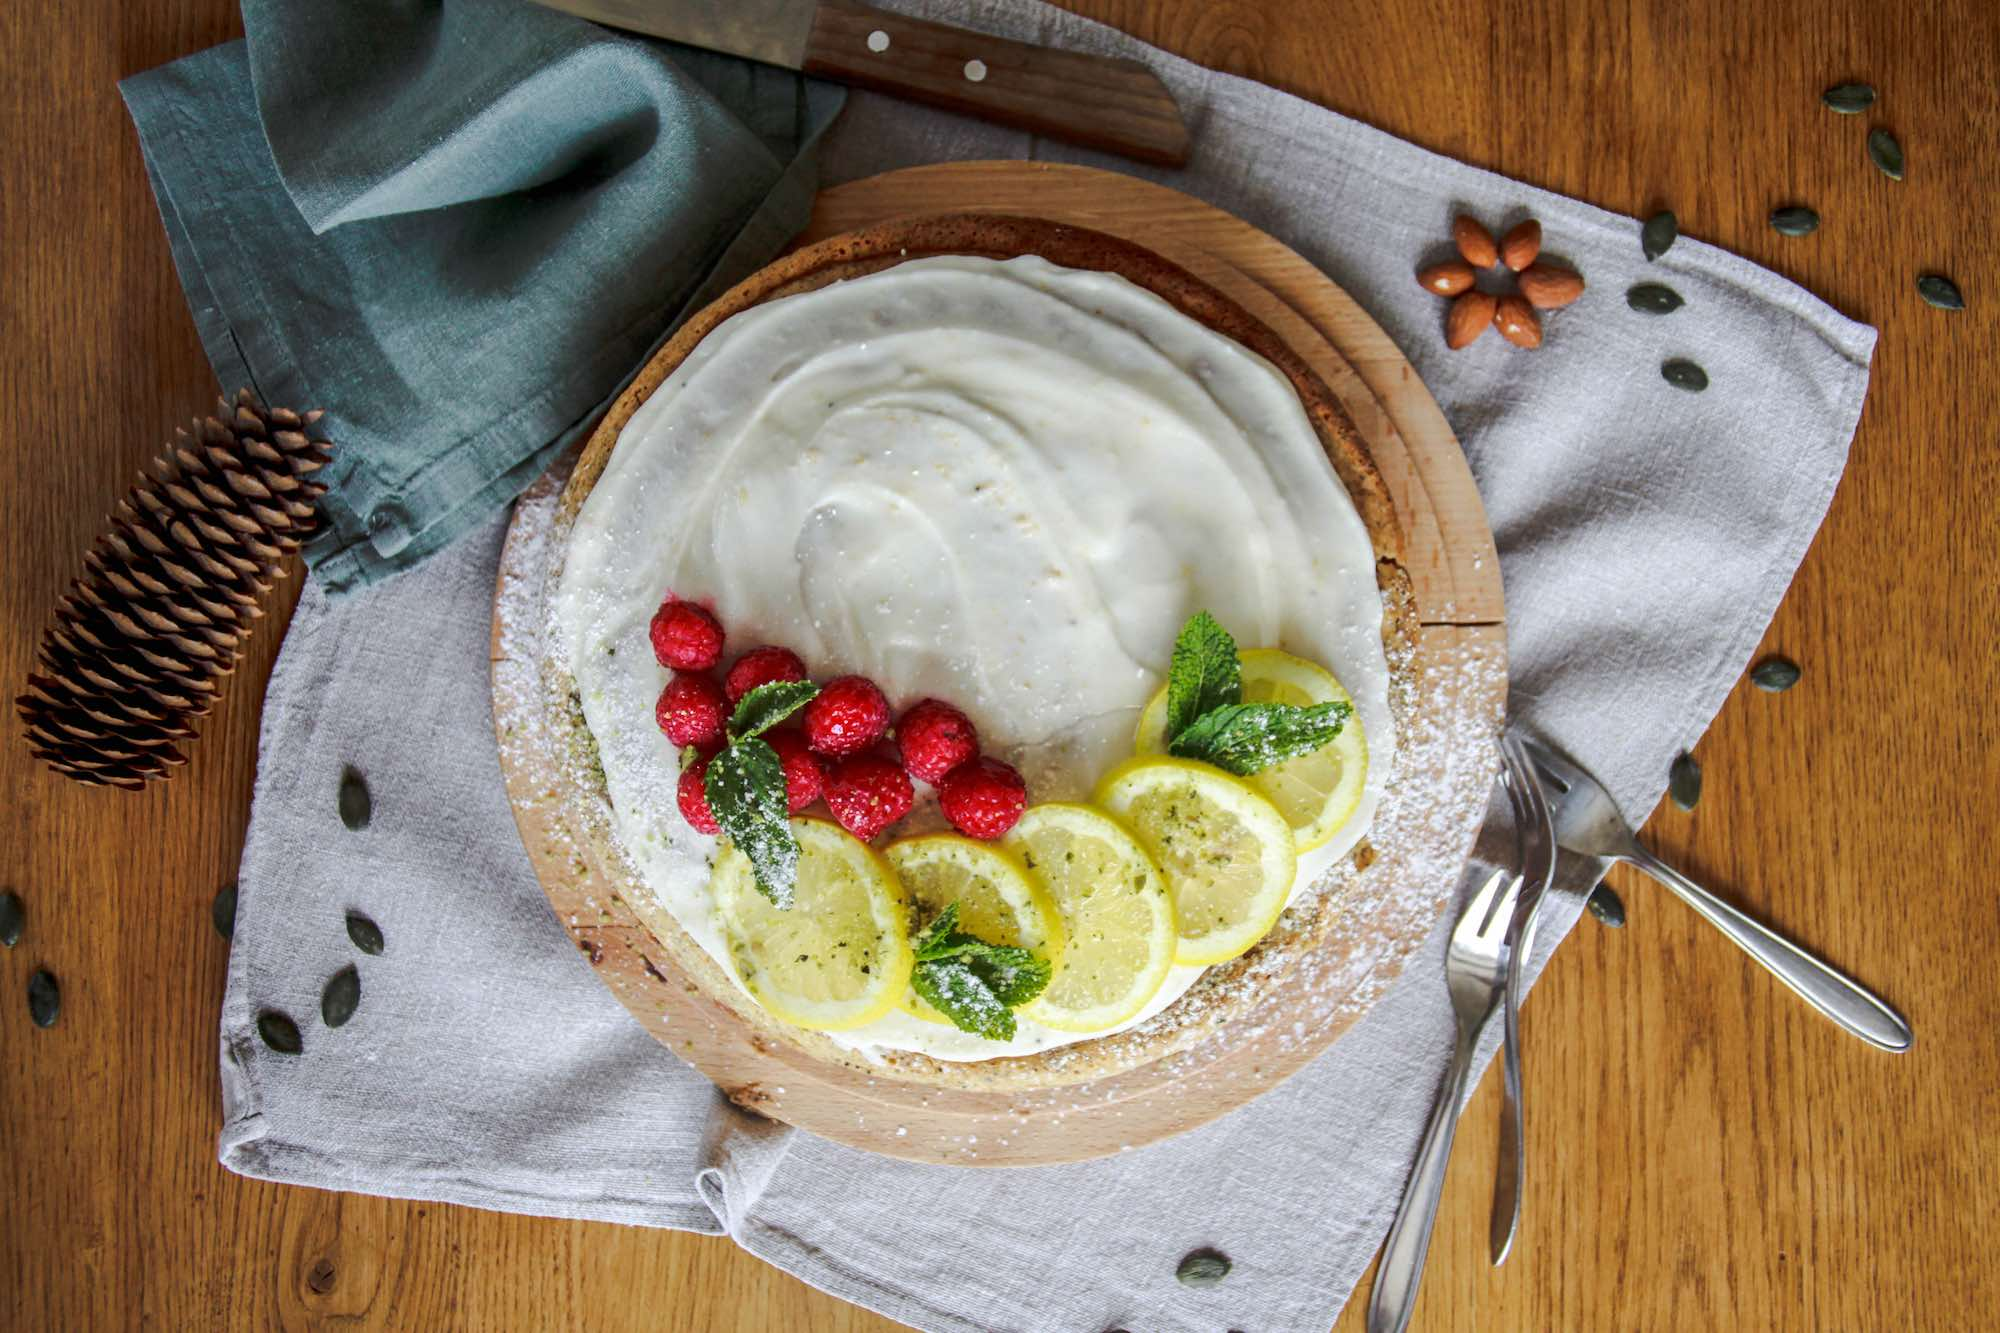 Vegan Lemon and Poppyseed Cake